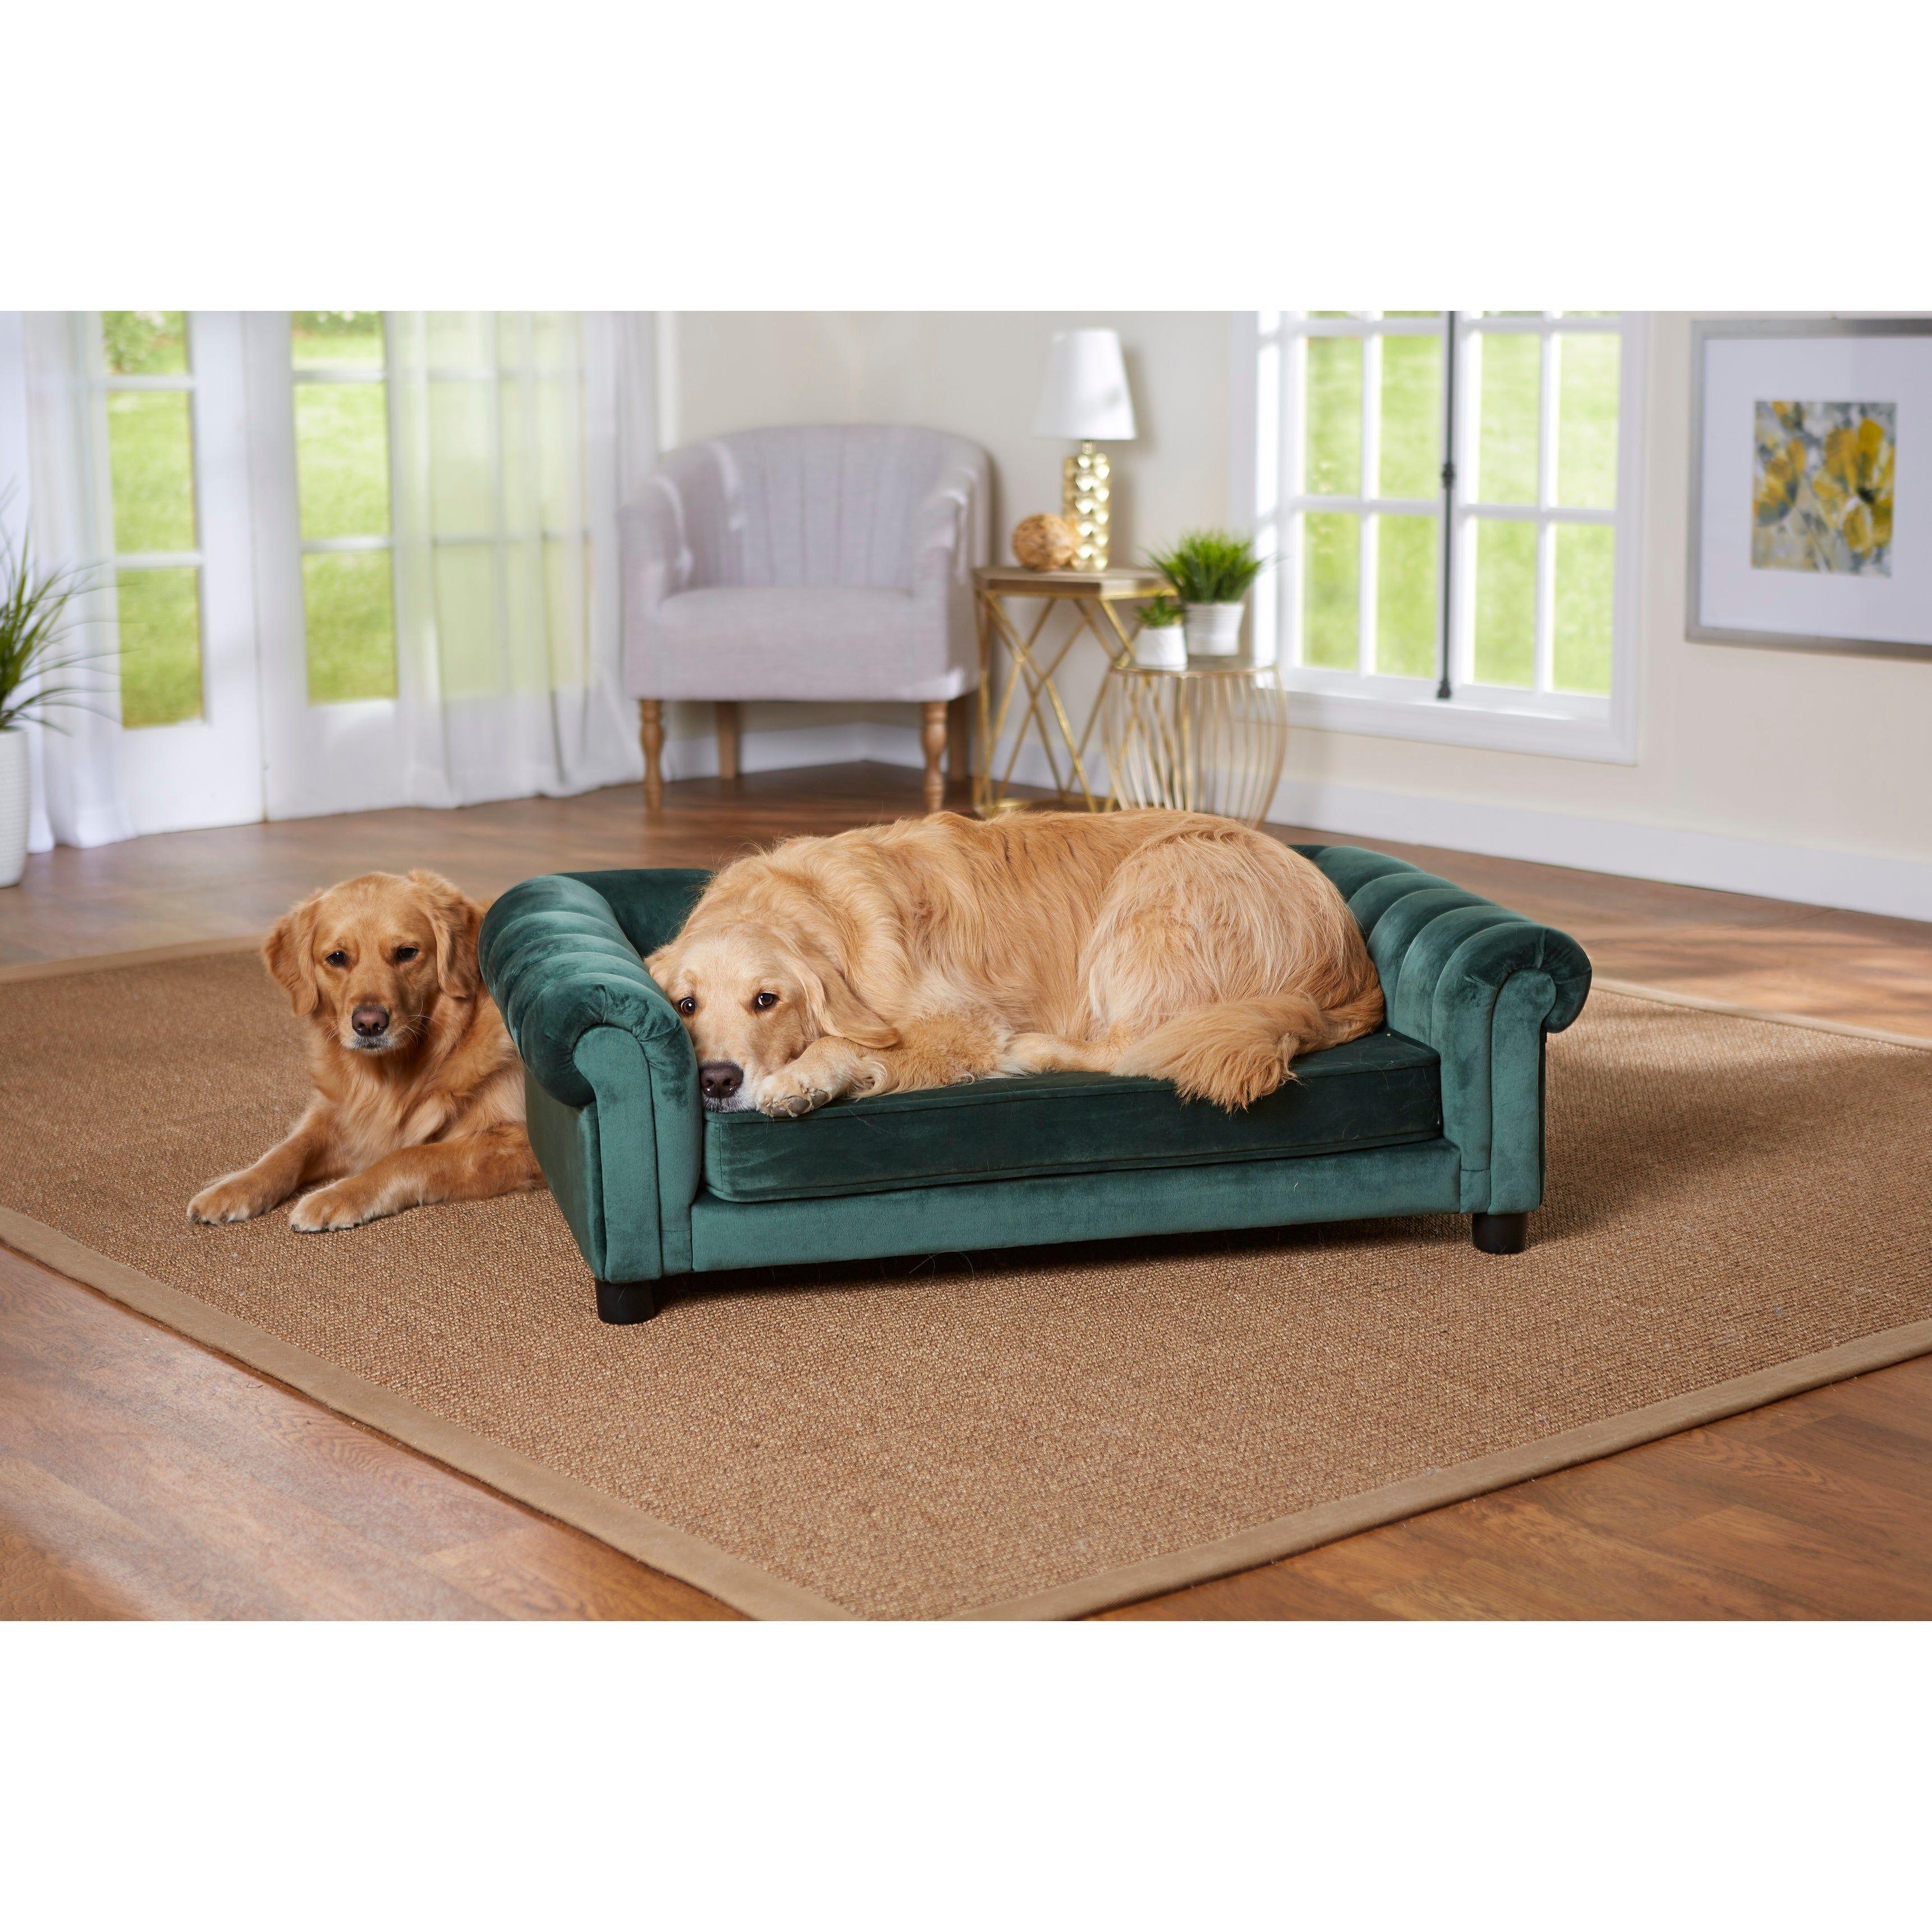 Enchanted Home Pet Sullivan Pet Sofa Emerald, Green